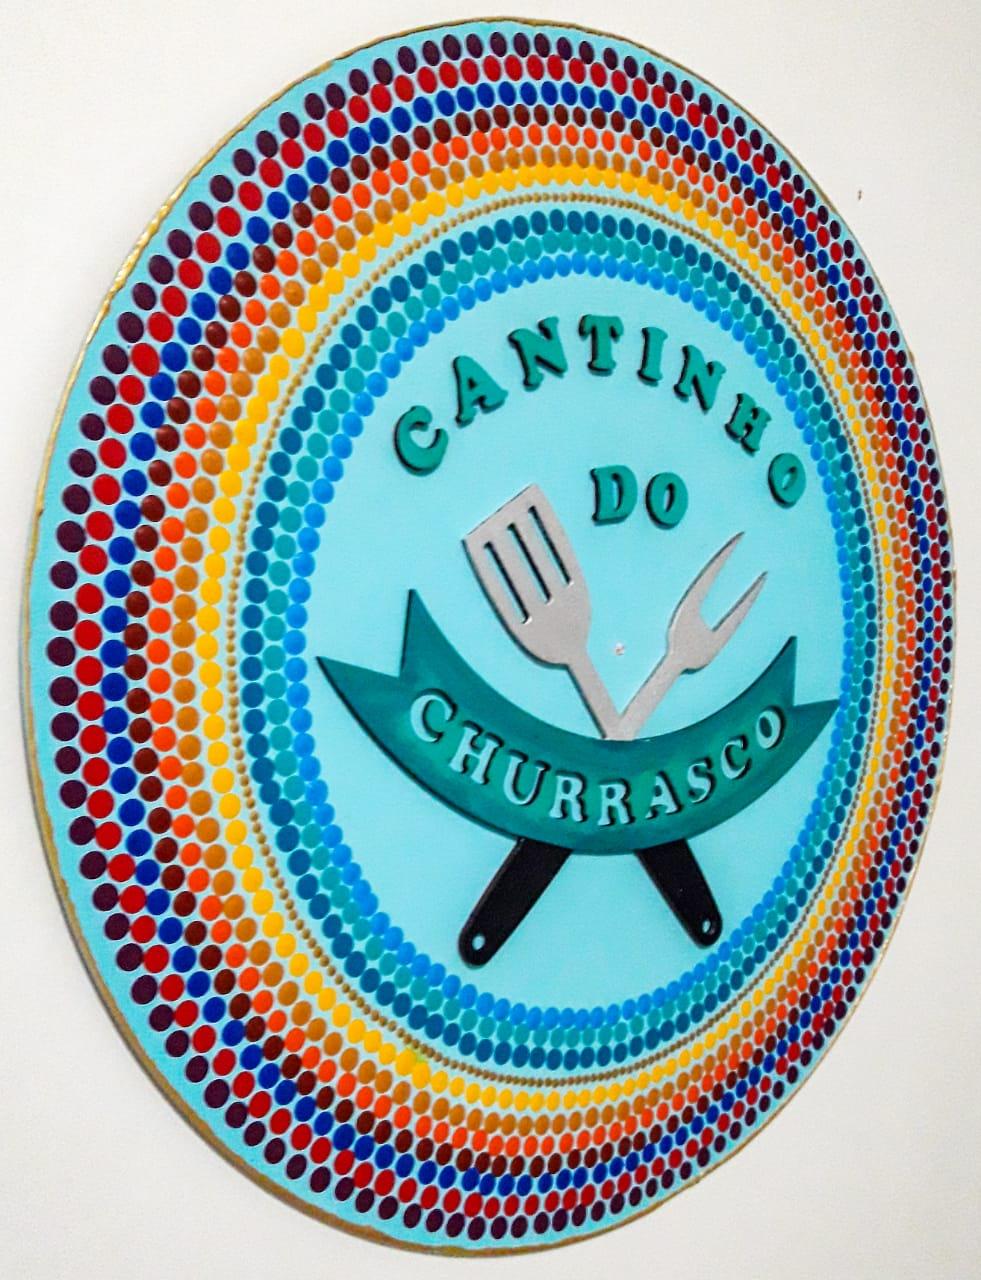 Placa Decorativa Cantinho do Churrasco Pintura Livre 35 cm CC-10